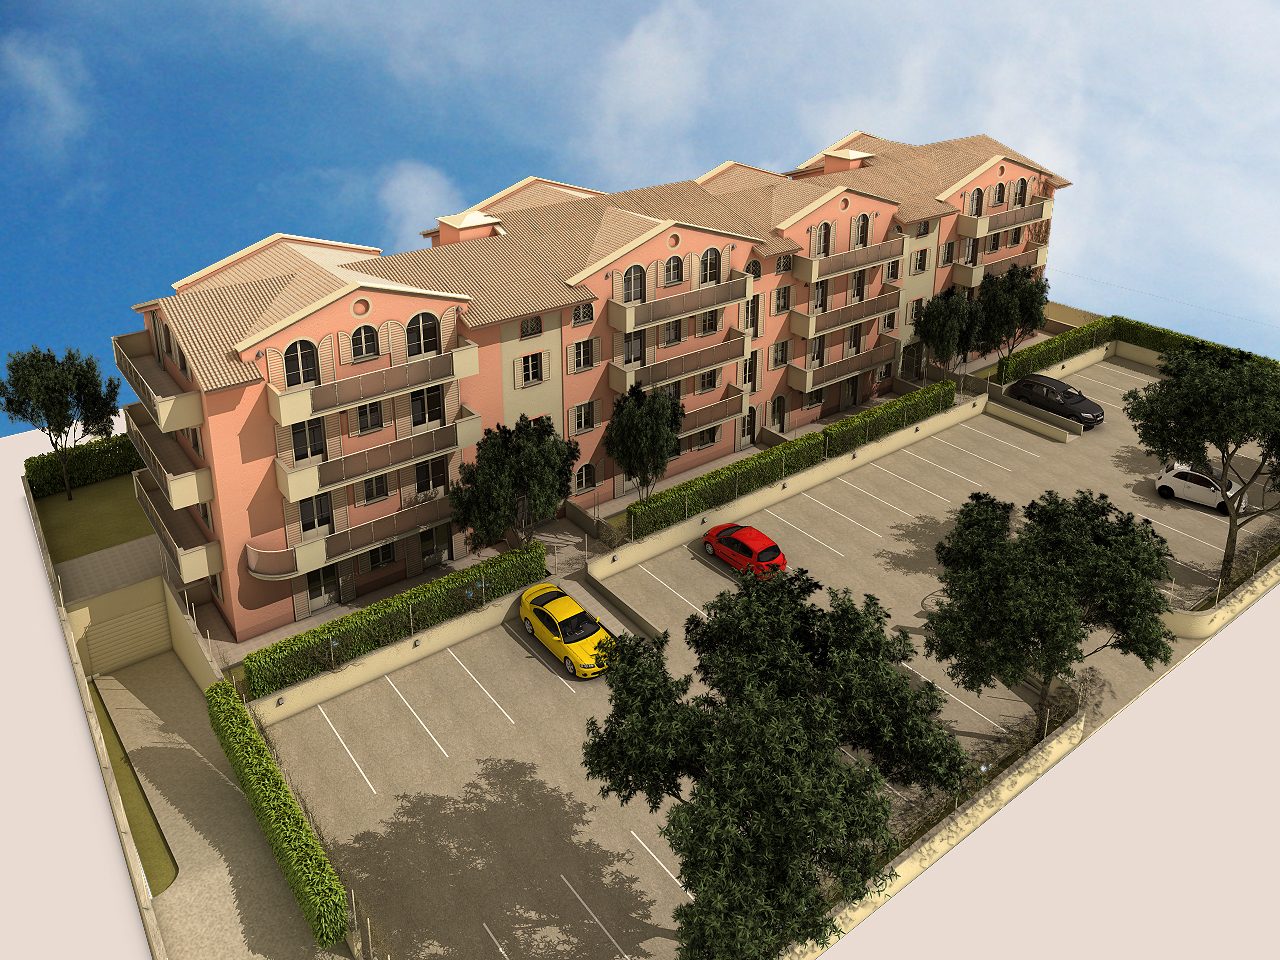 nuova-costruzione-di-fabbricato-residenziale-in-lucca-frazione-san-concordio-in-contrada-image-2